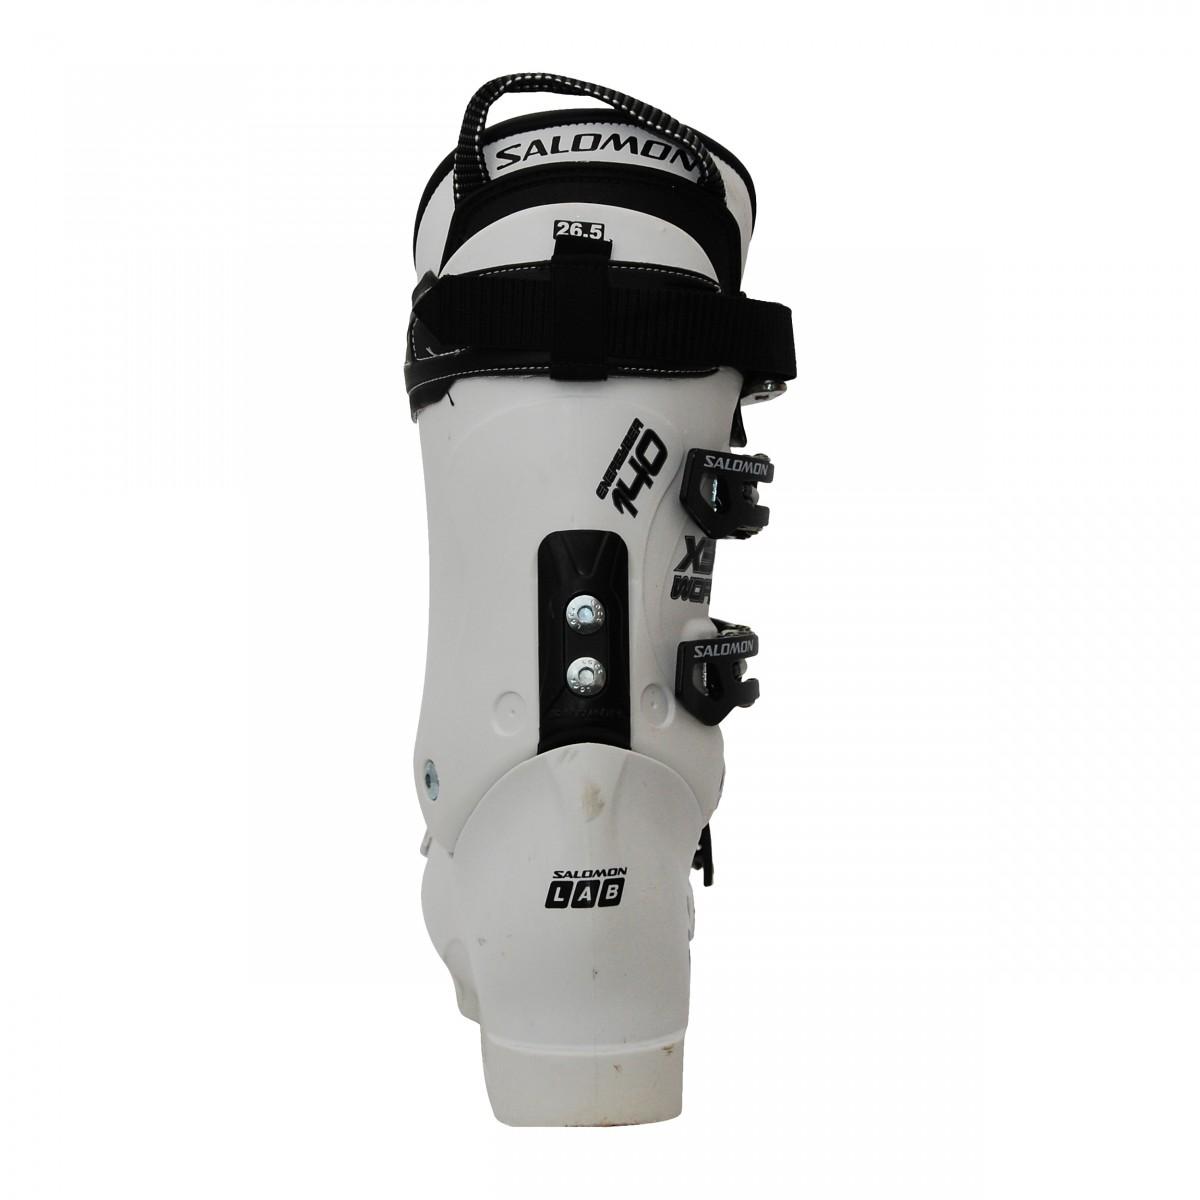 Détails sur Chaussure de ski occasion Salomon X3 LAB WC 140 blanc